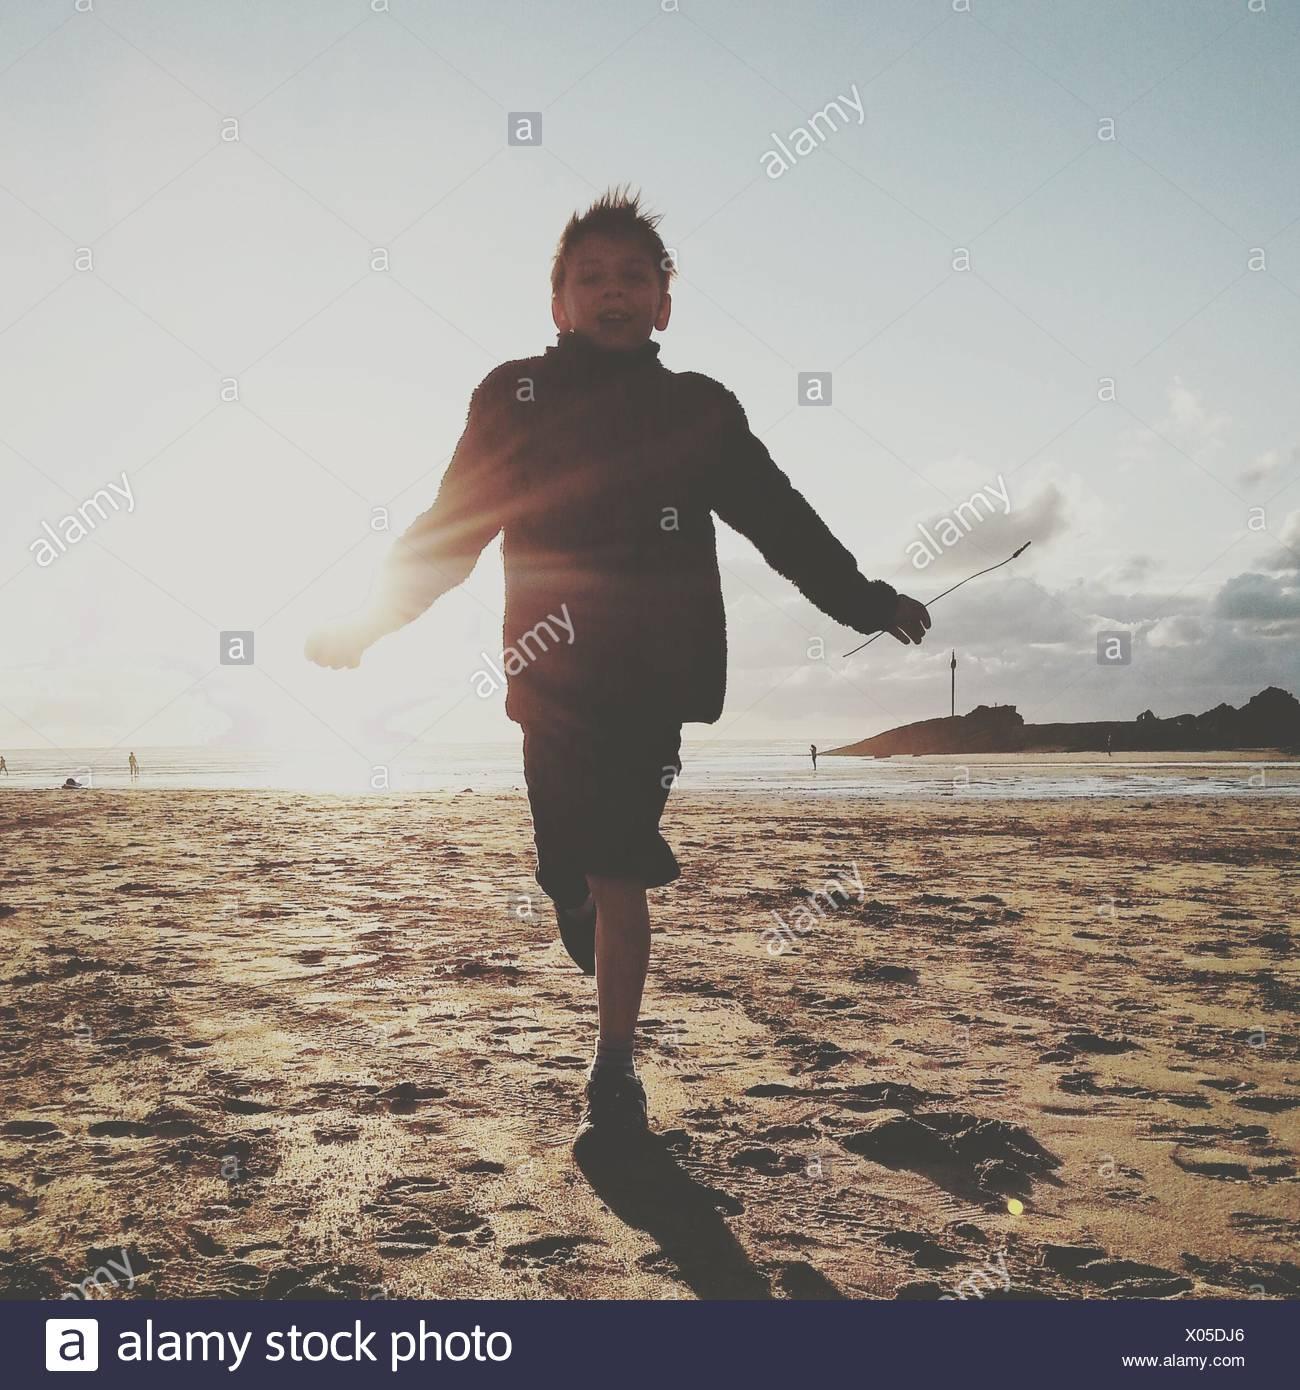 Low Angle View Of Boy Running On Beach contre ciel lors de journée ensoleillée Photo Stock